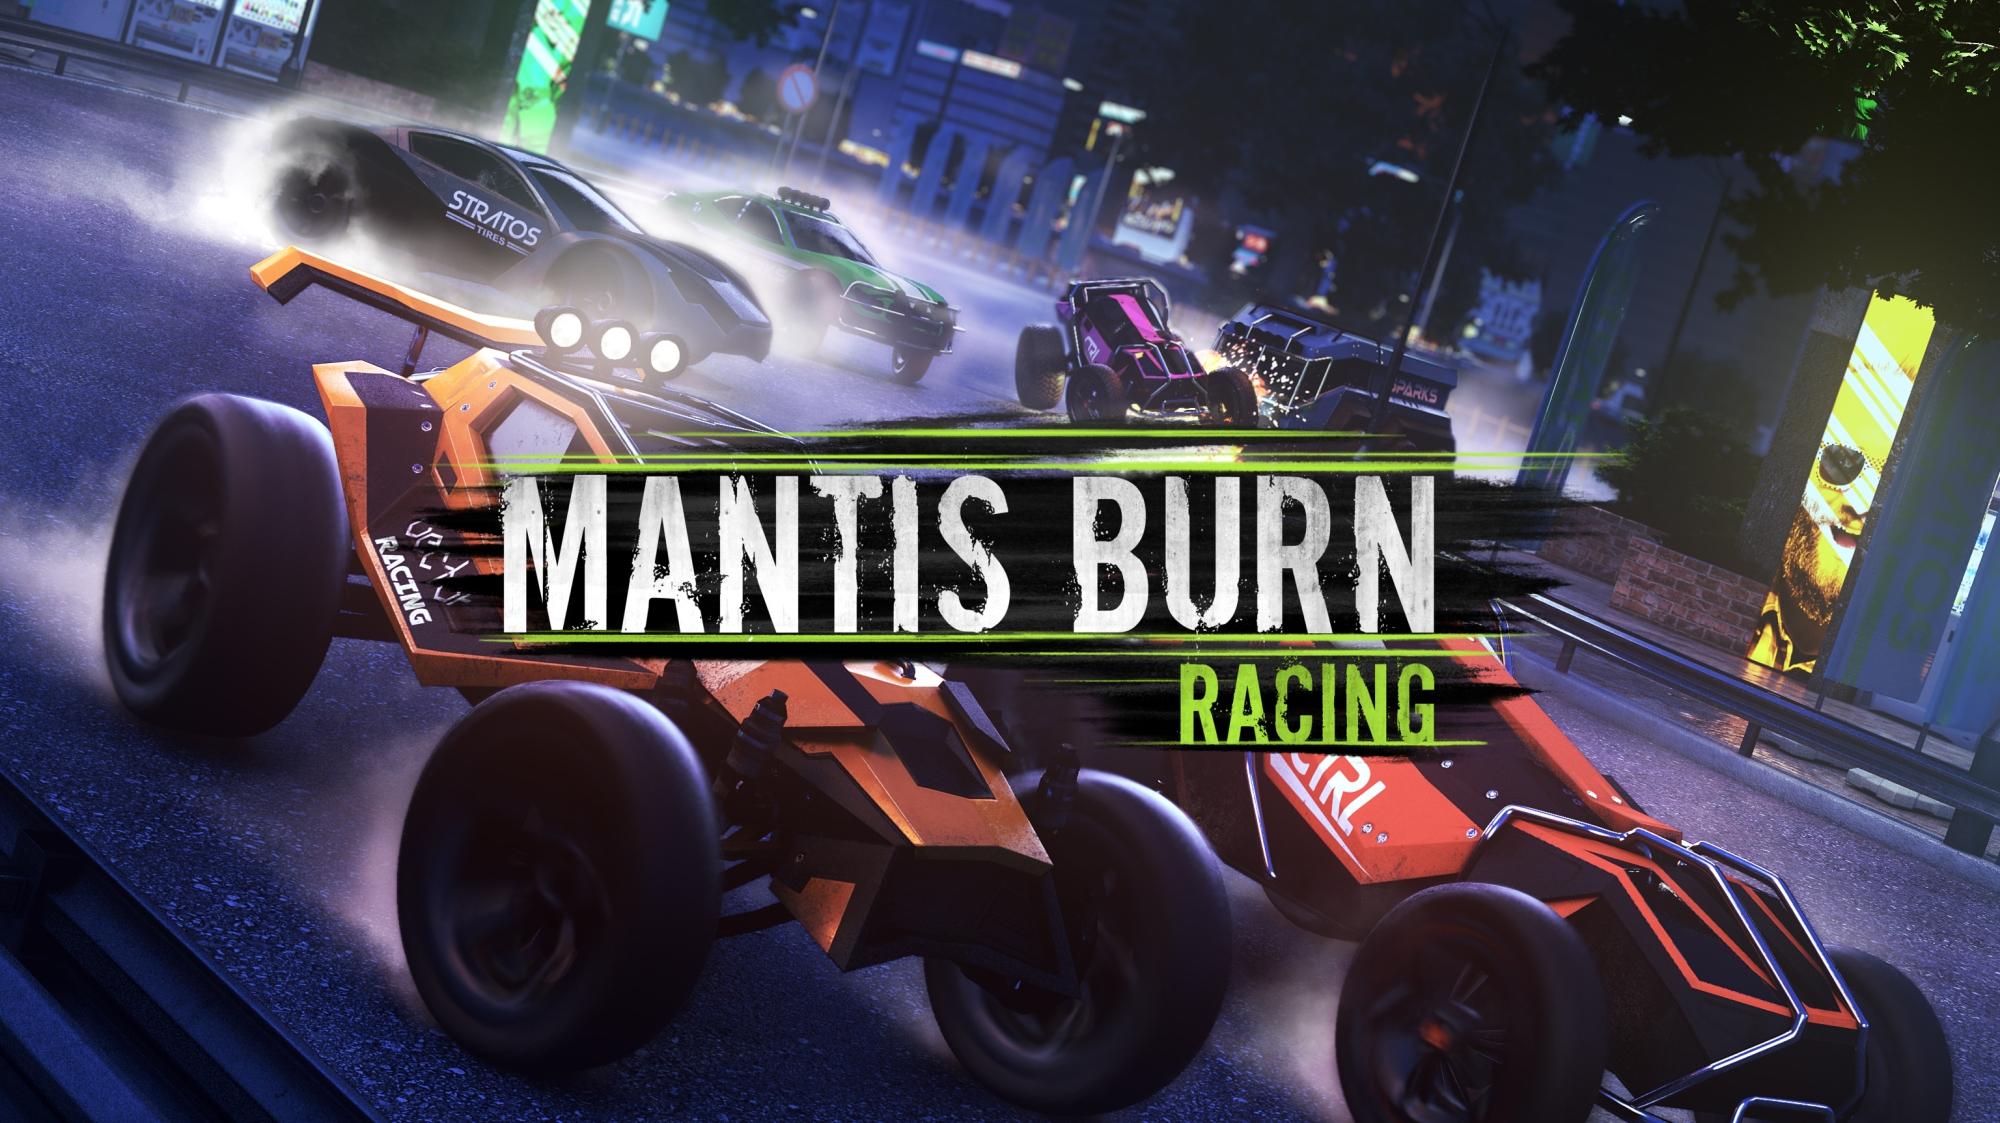 mantis_burn_racing_hero_art1-1